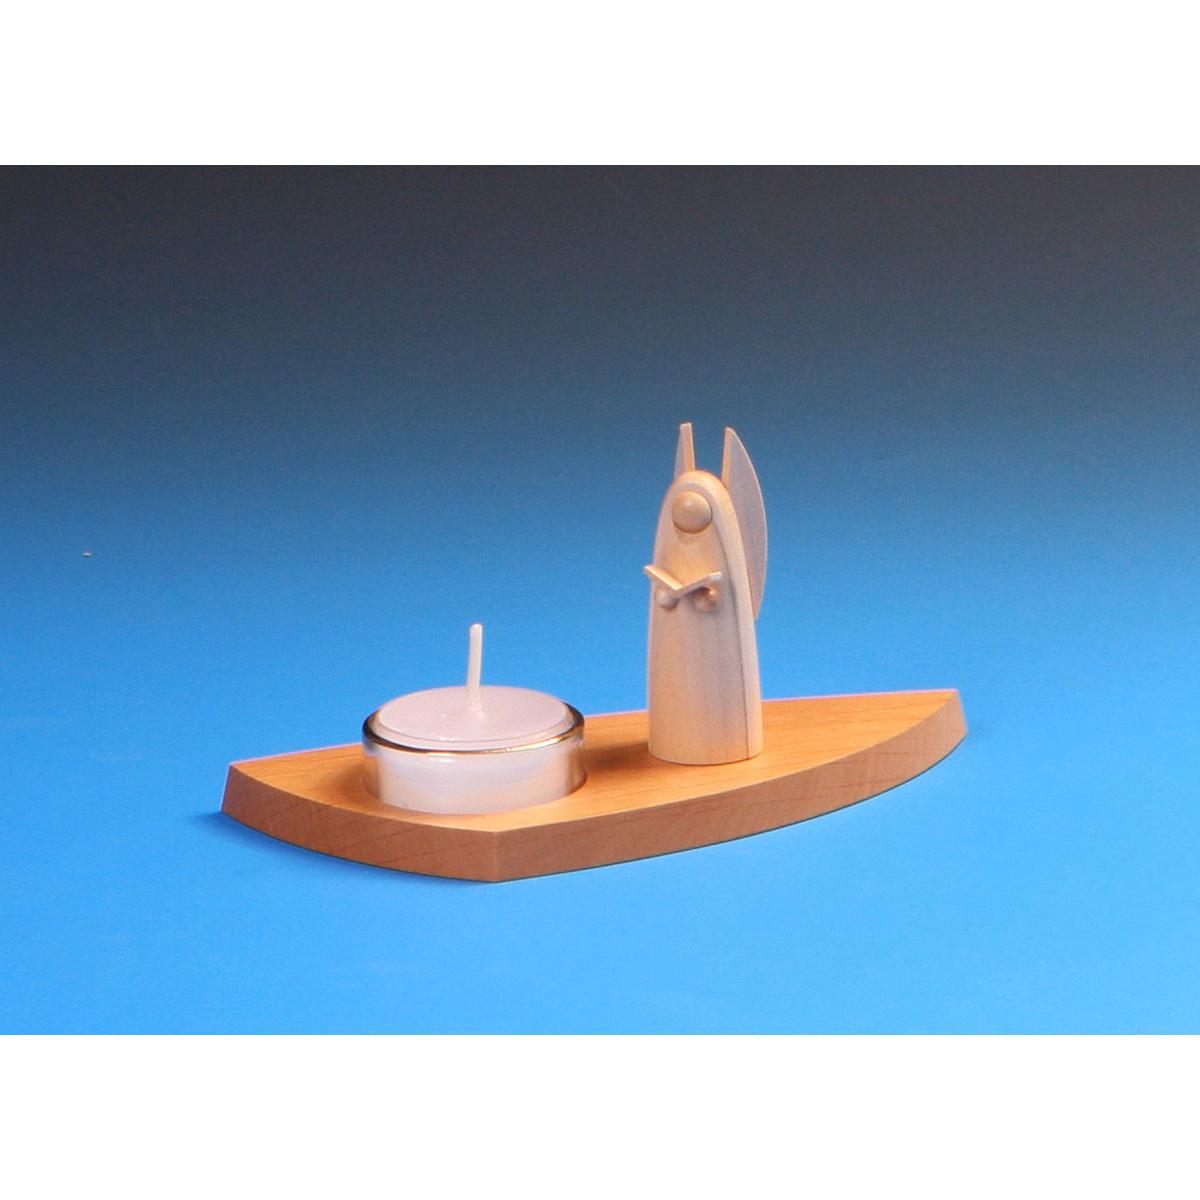 kerzenst nder mit teelicht von emil a schalling f r 10 kaufen. Black Bedroom Furniture Sets. Home Design Ideas